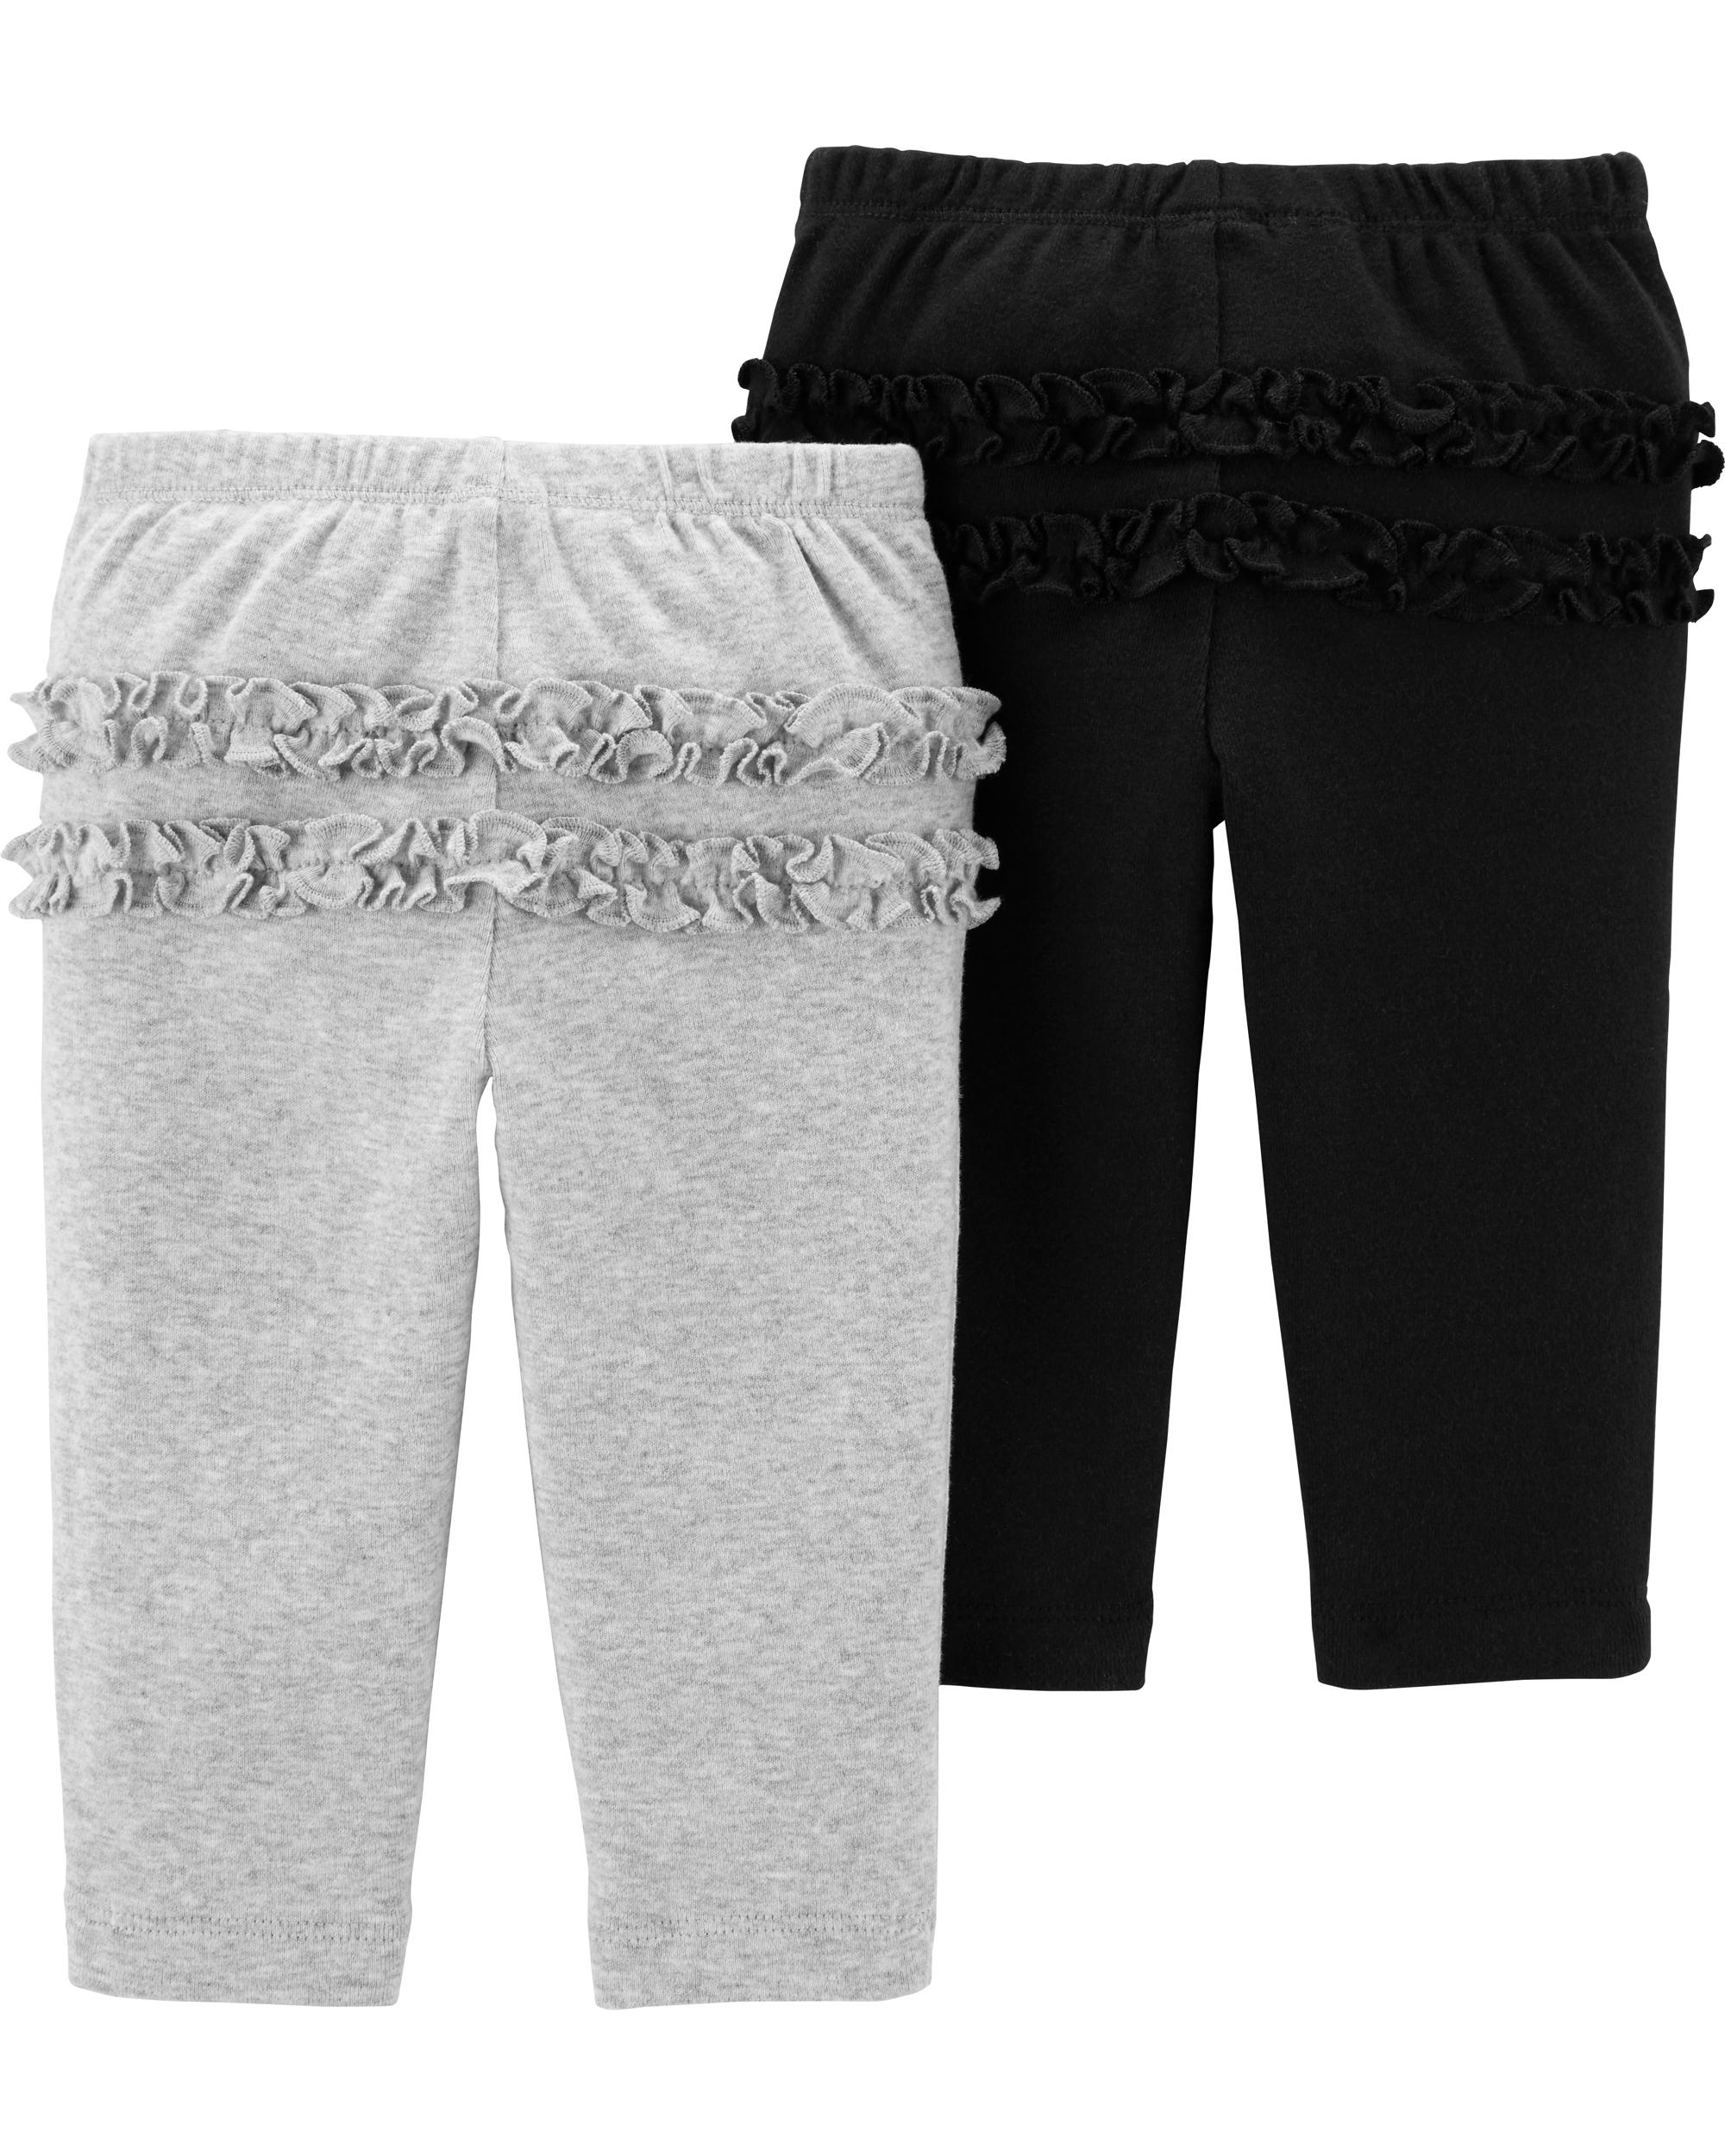 זוג מכנסיים שחור/אפור